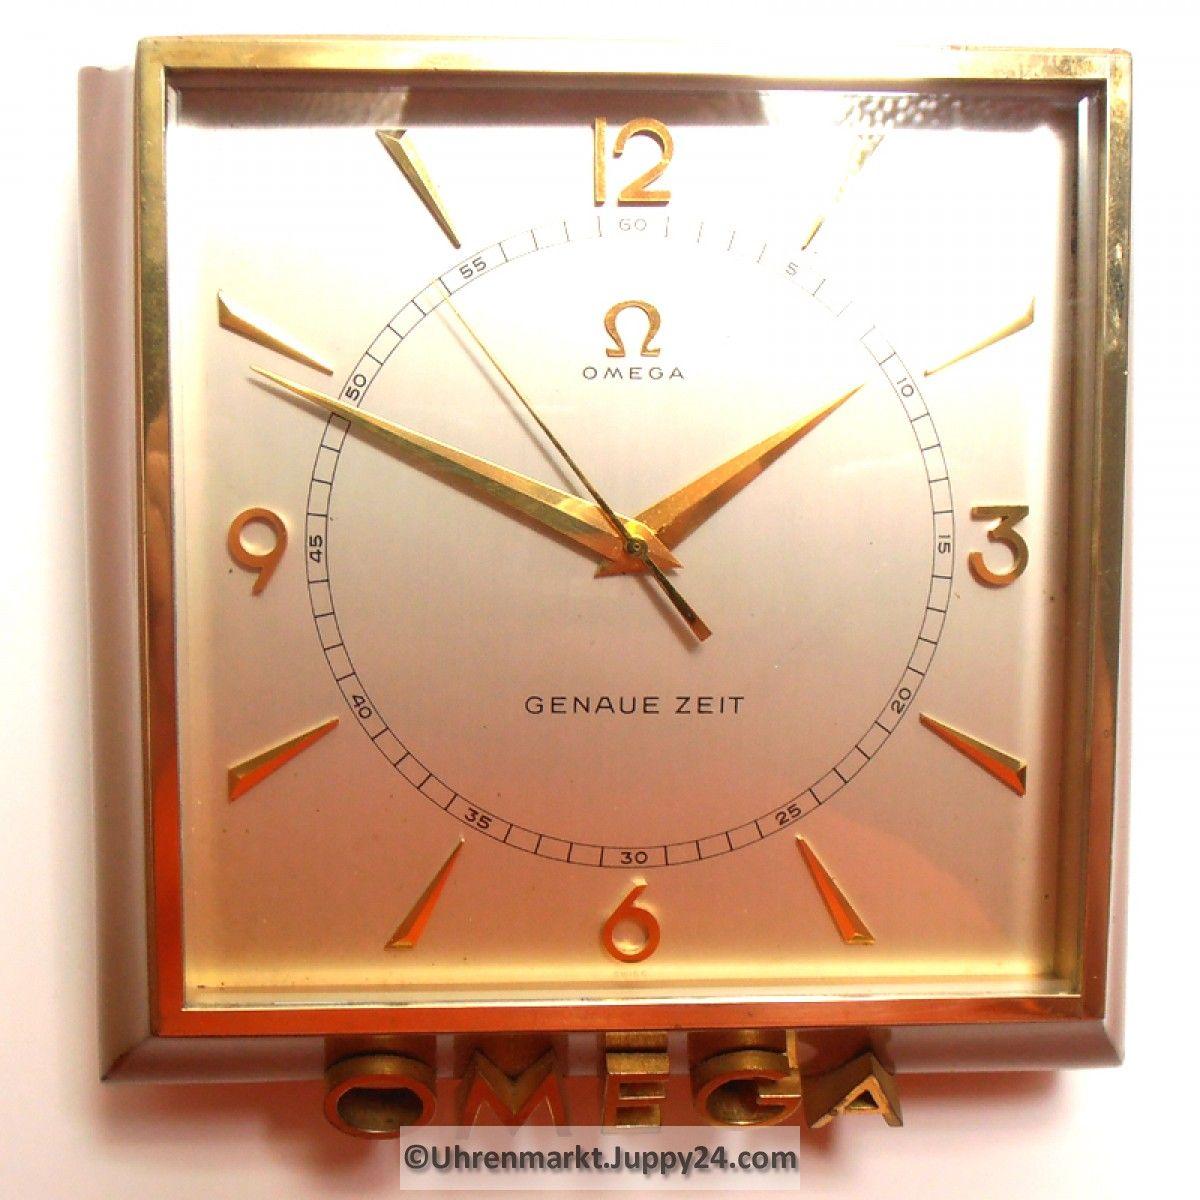 OMEGA Tischuhr – Pultuhr – Schaufensteruhr GENAUE ZEIT um 1950 mit 8